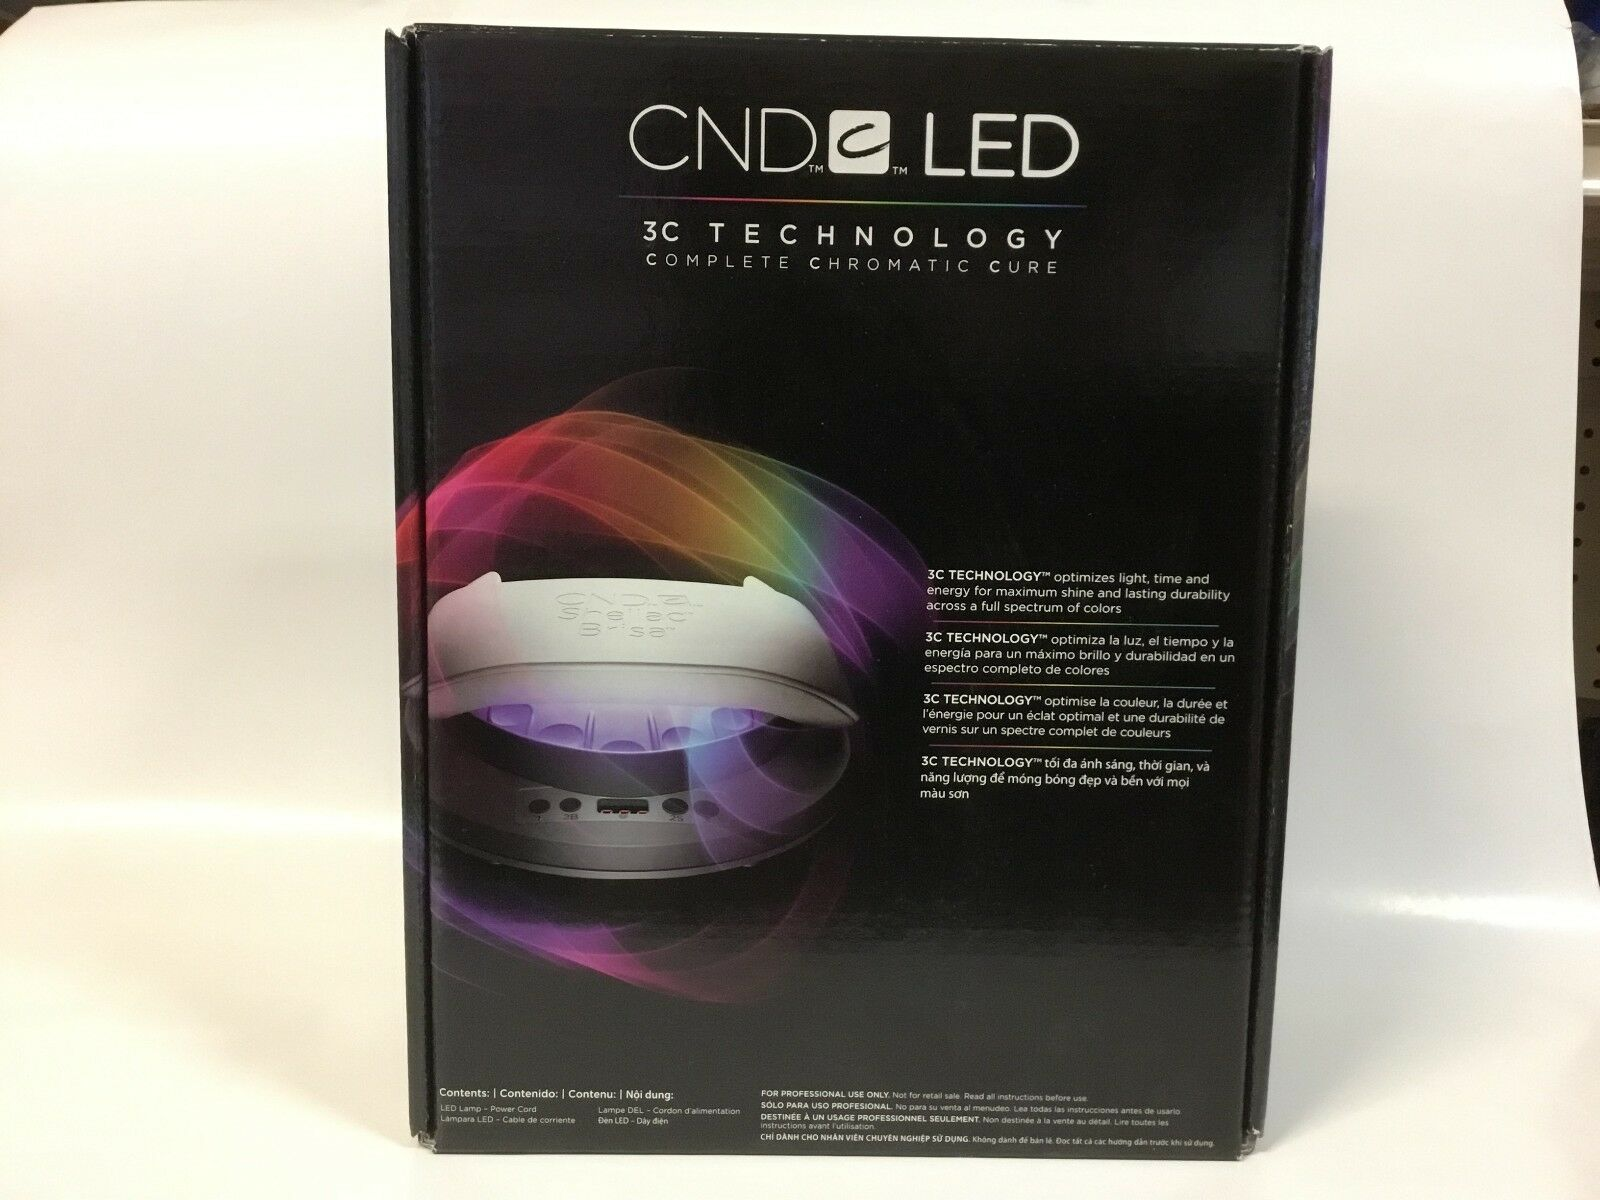 Cosmetics Lamp CND CND Cosmetics CND Lamp Cosmetics LED CND CND LED OZTlwXkiPu